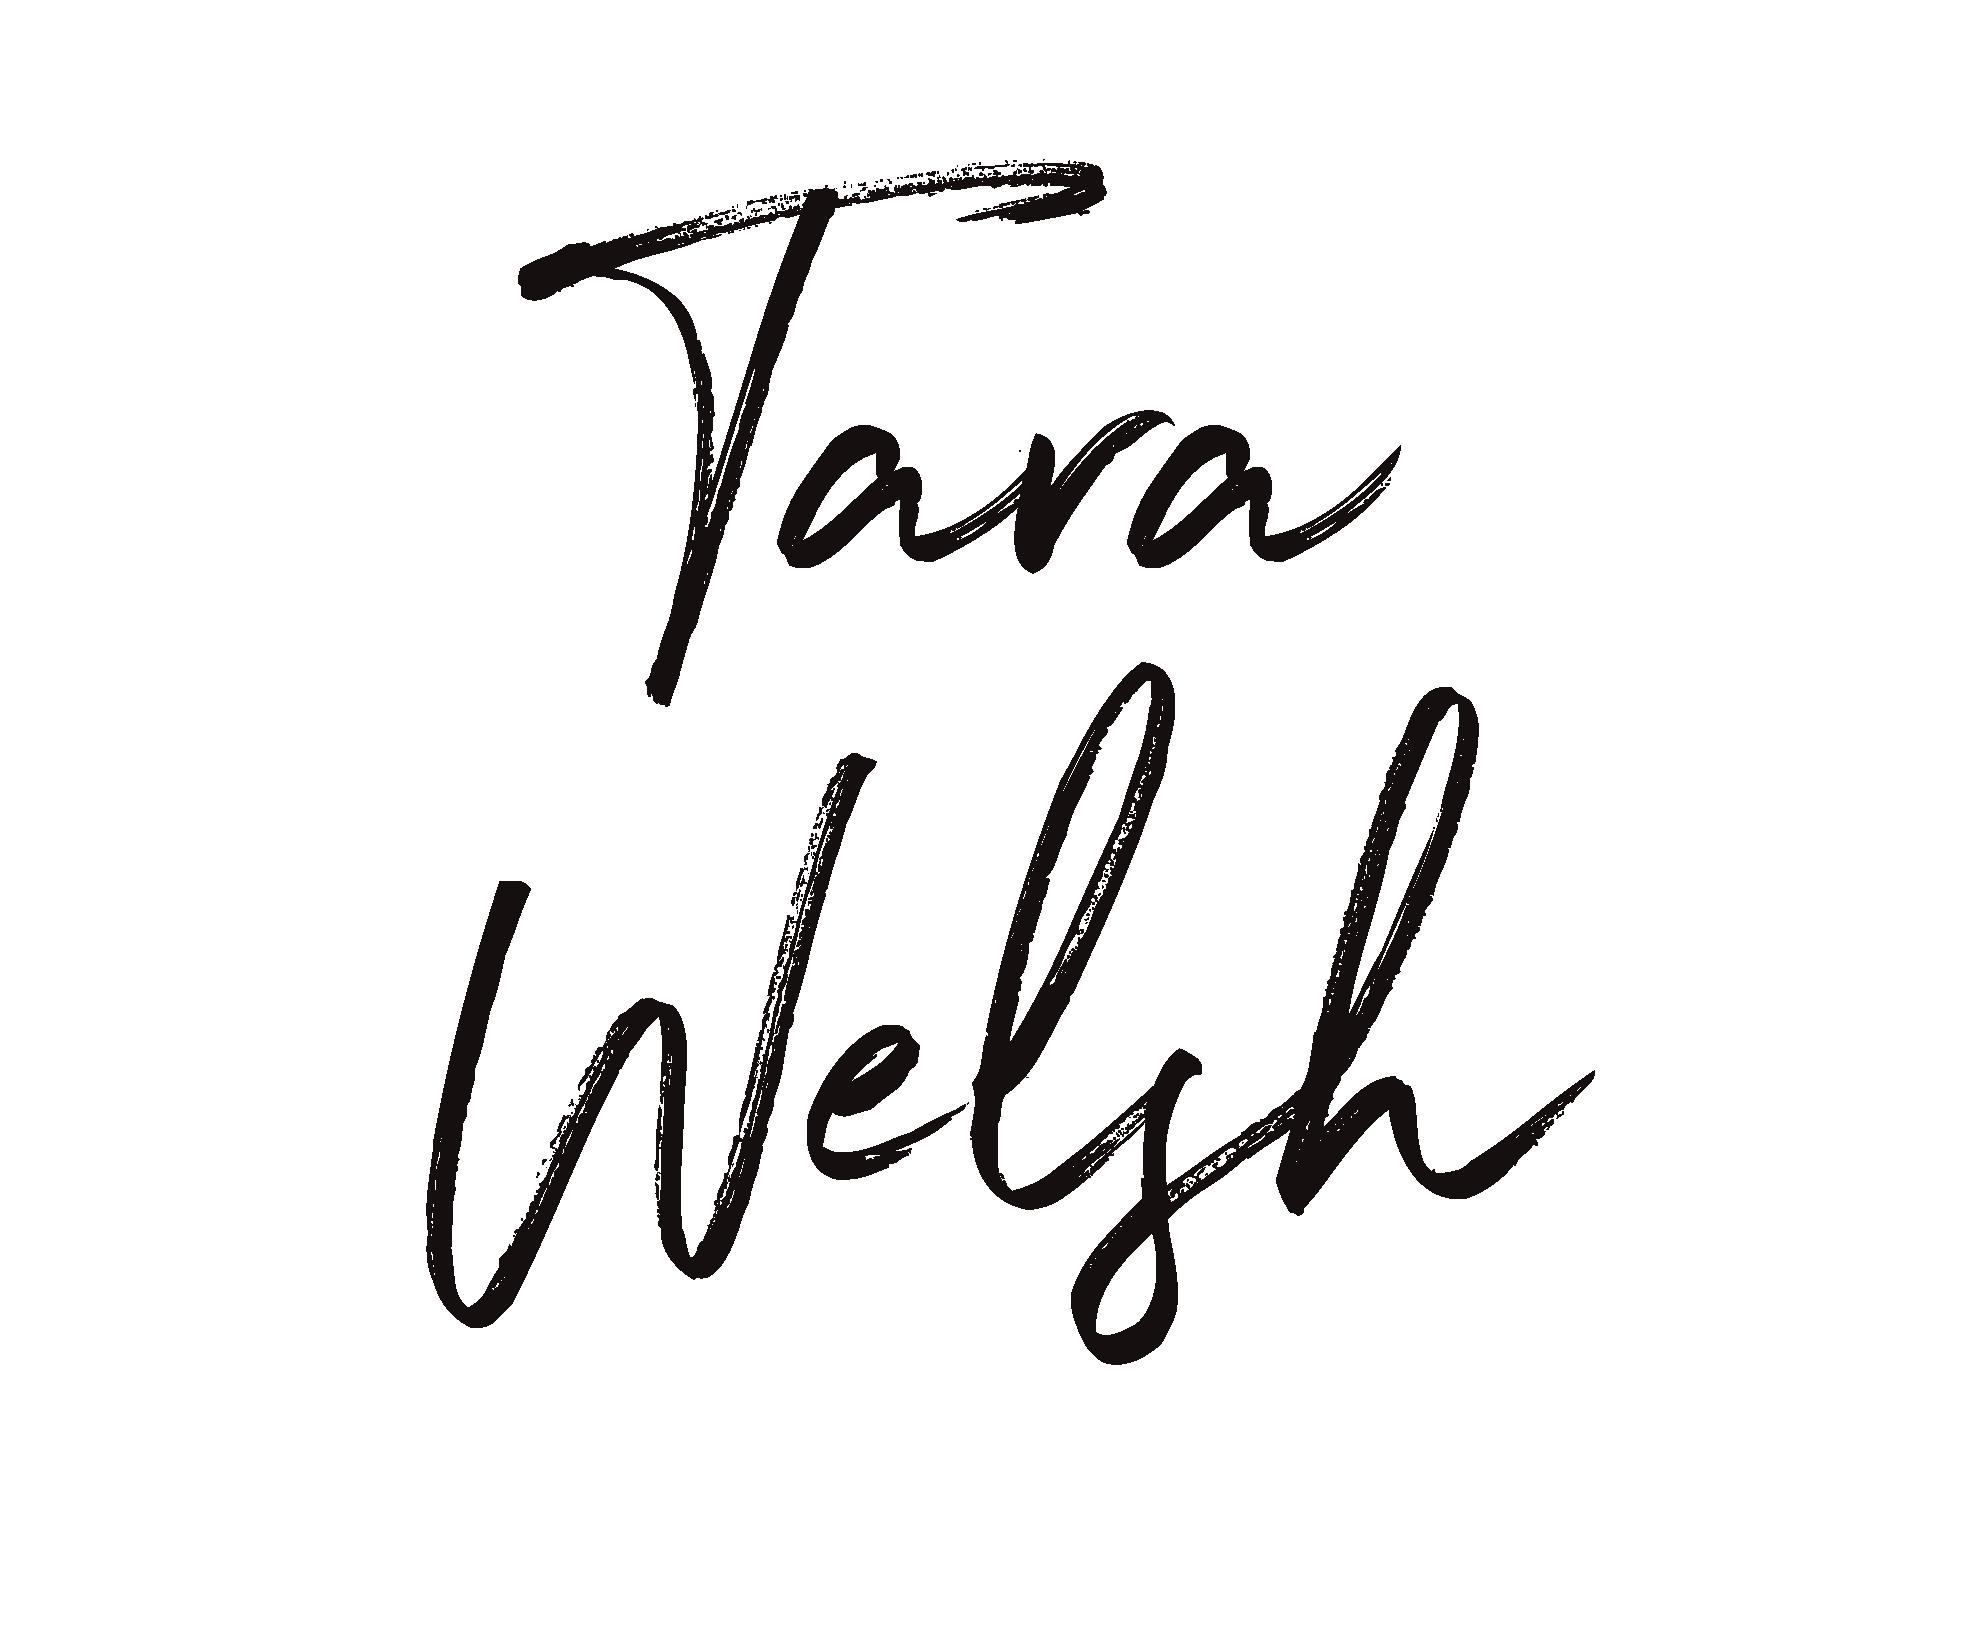 Tara-68.png